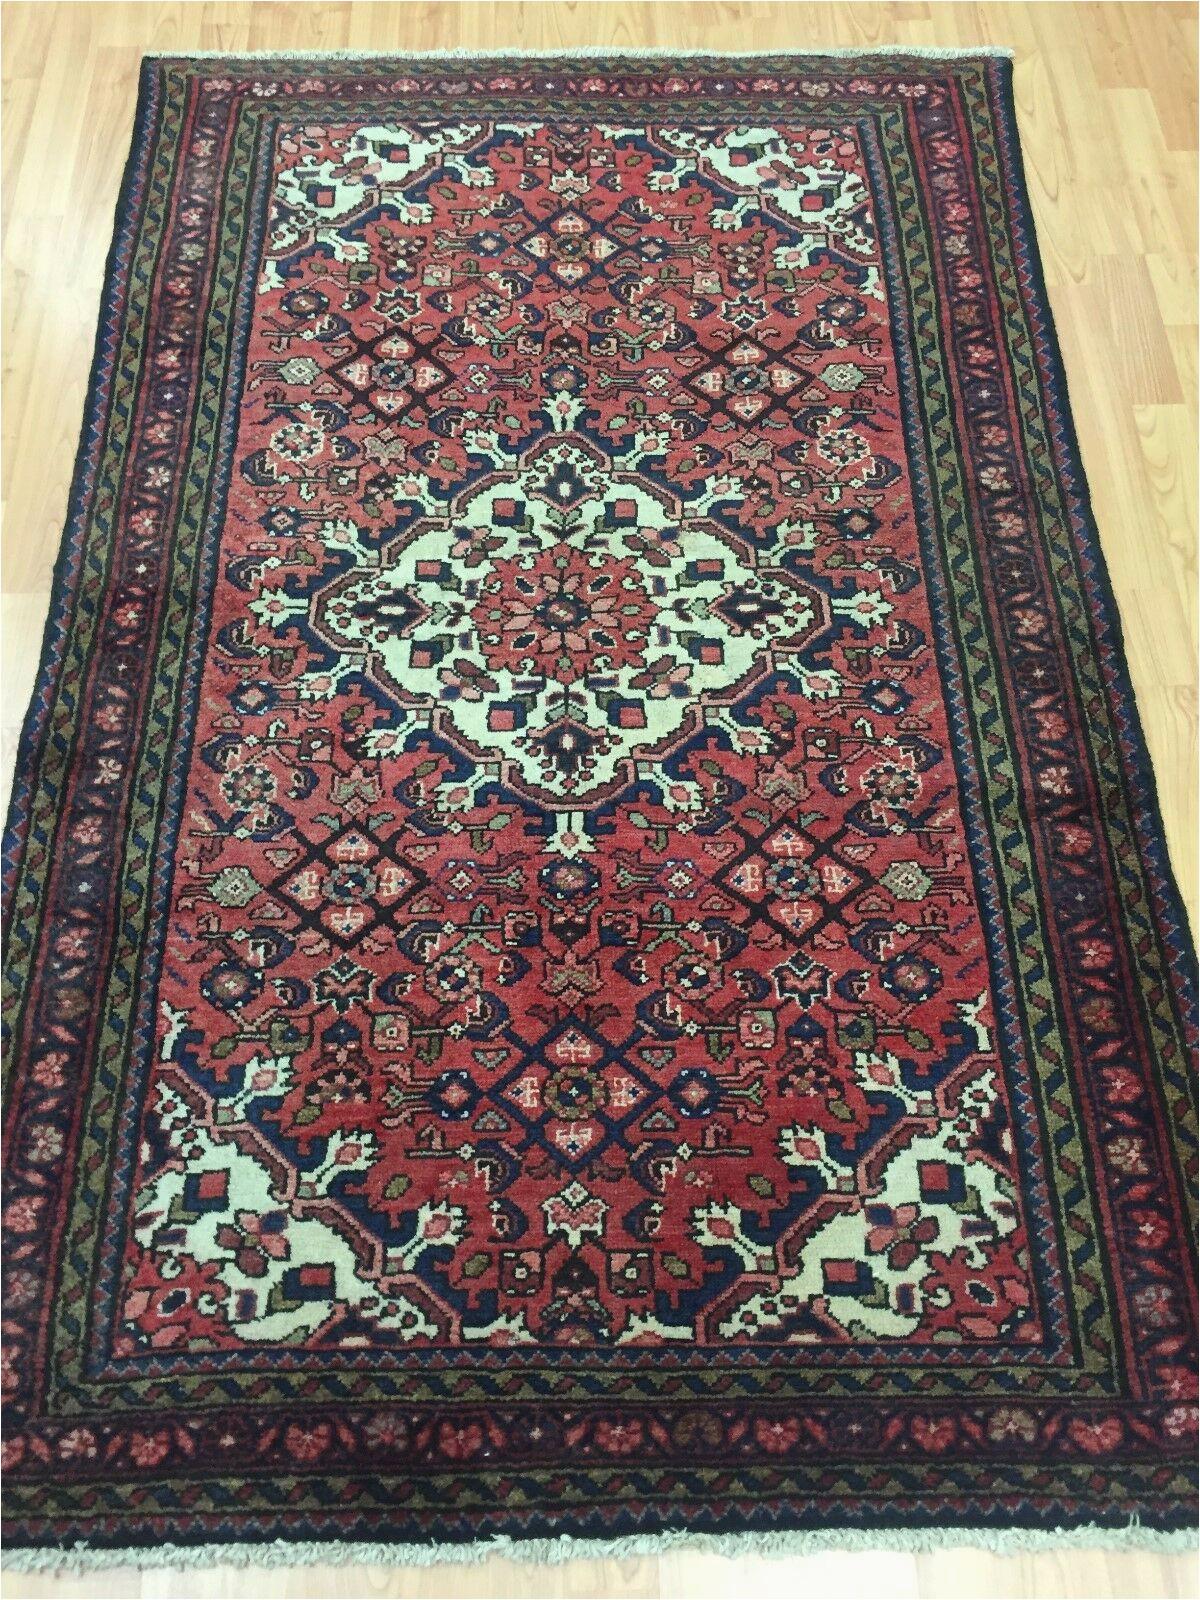 10 x 7 area rug